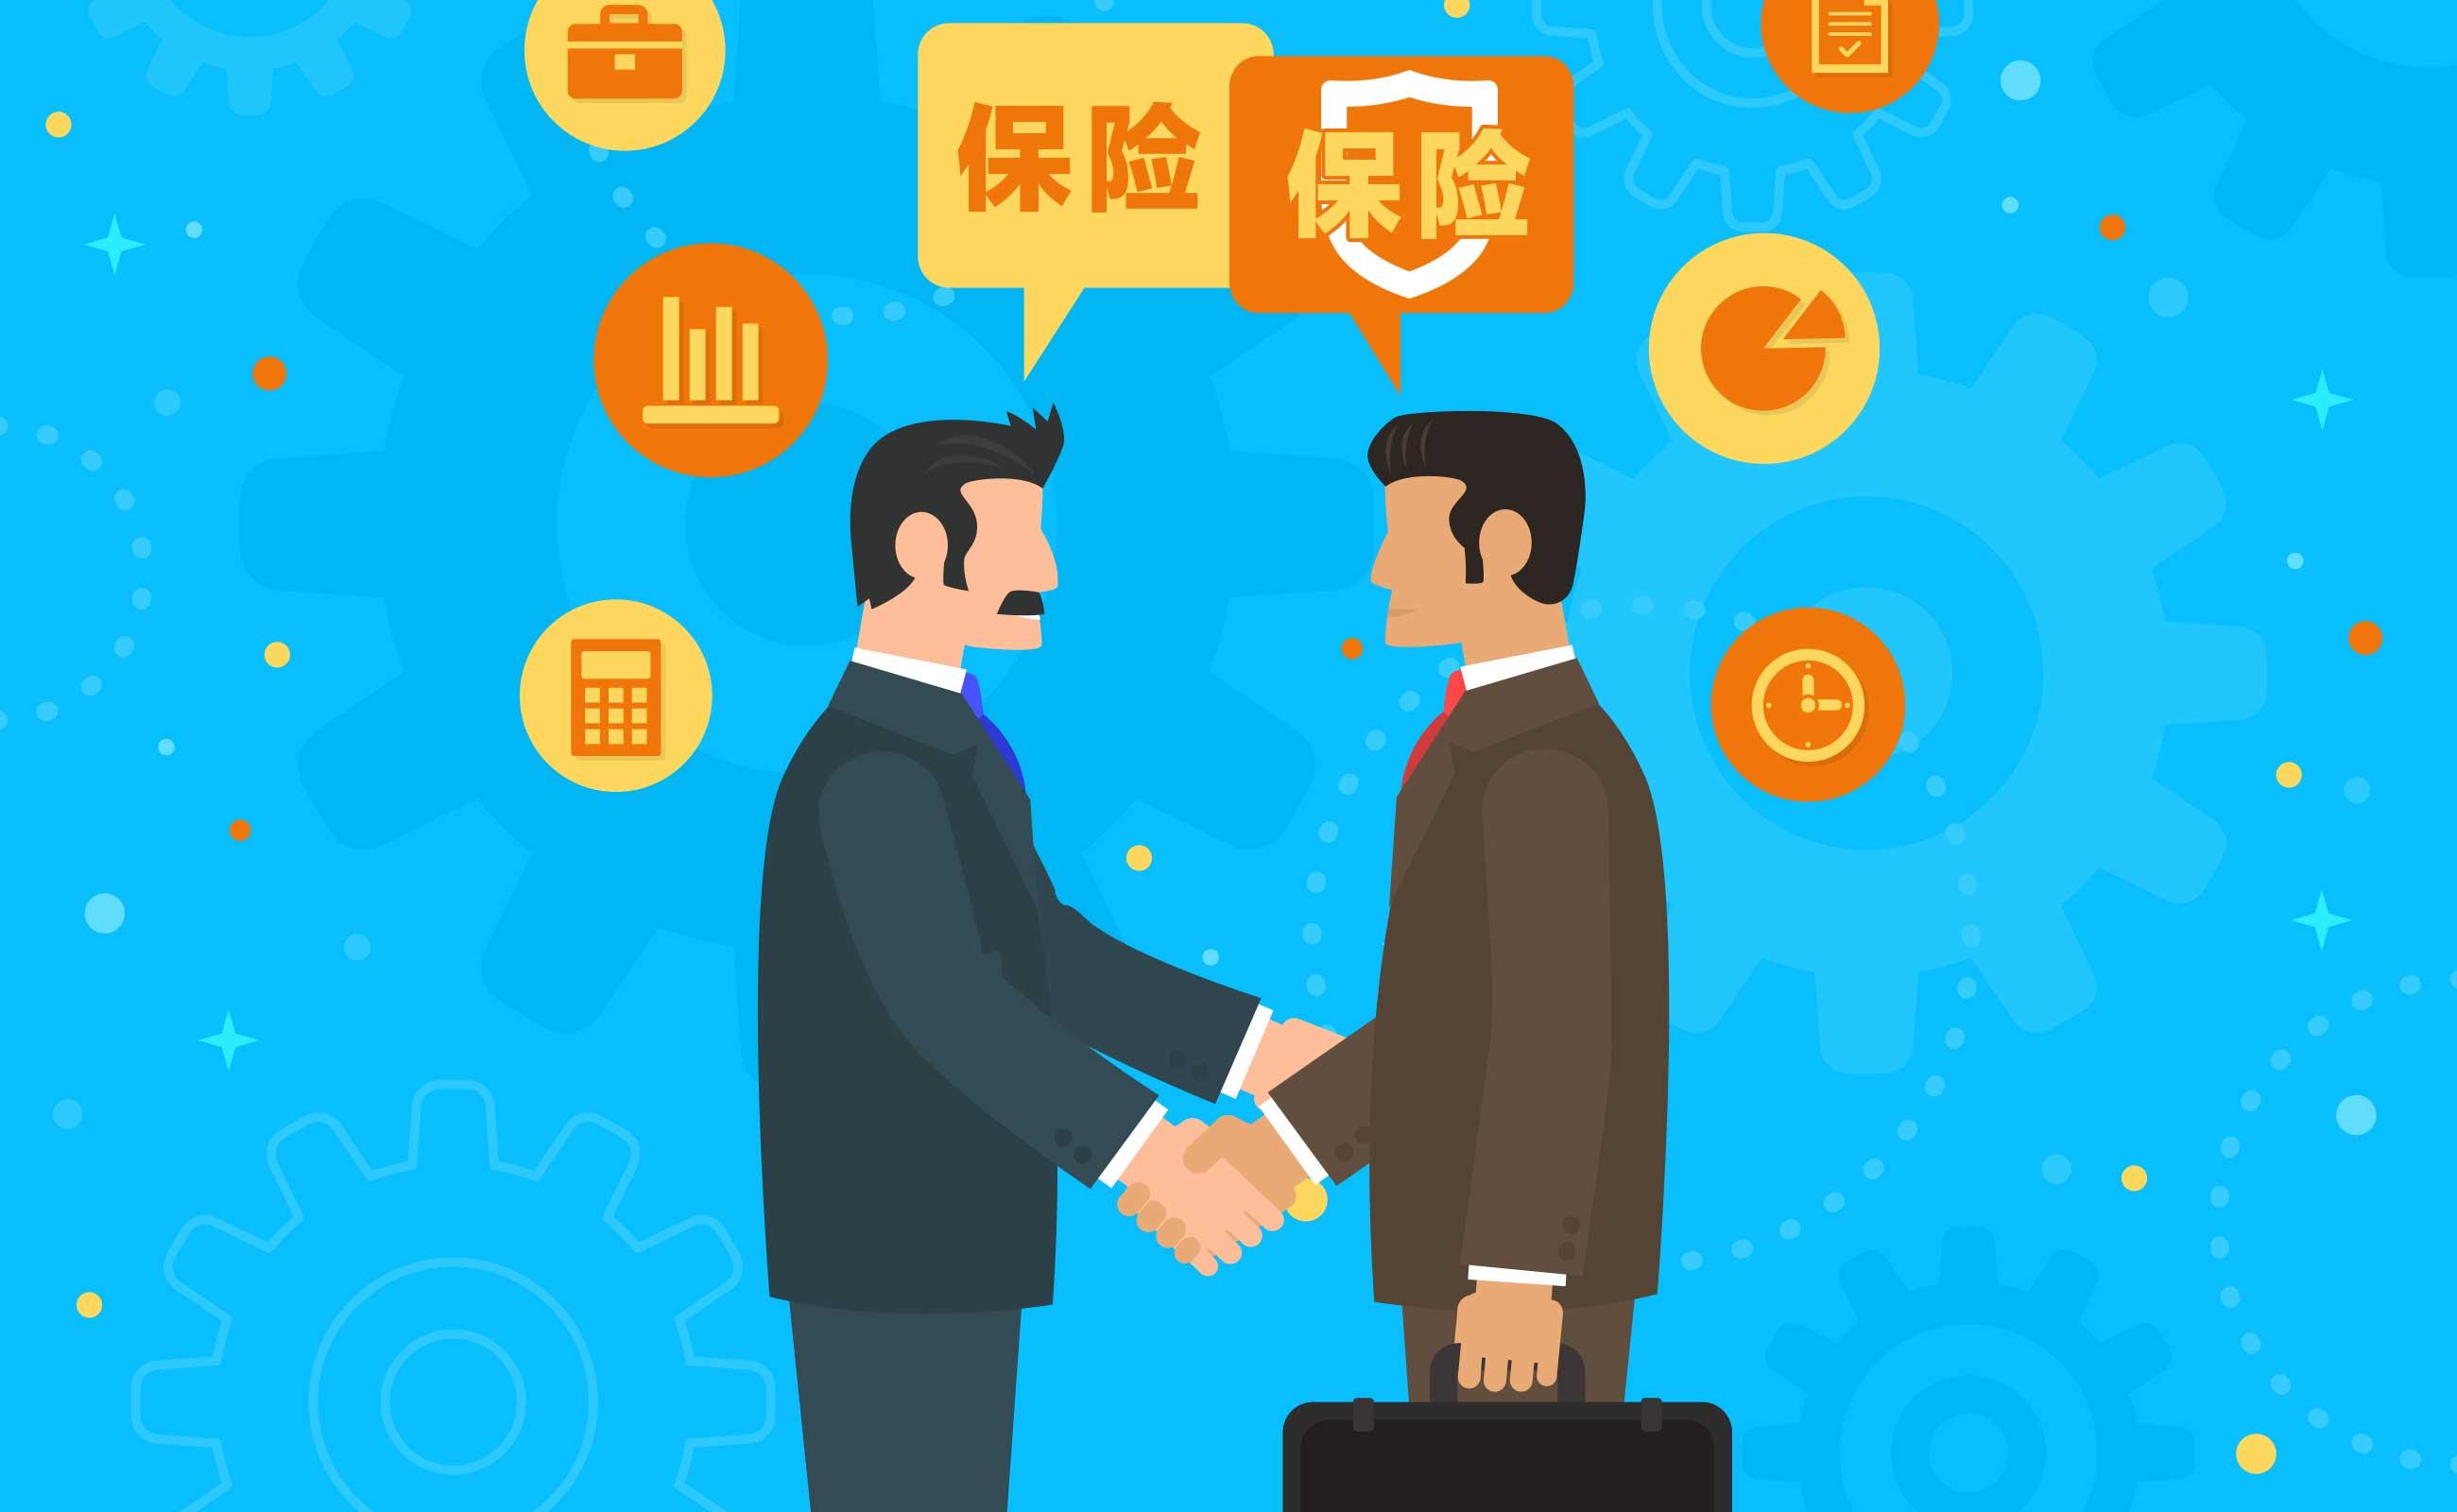 银保监会连续发文清核代理人 保险销售竞争要升级